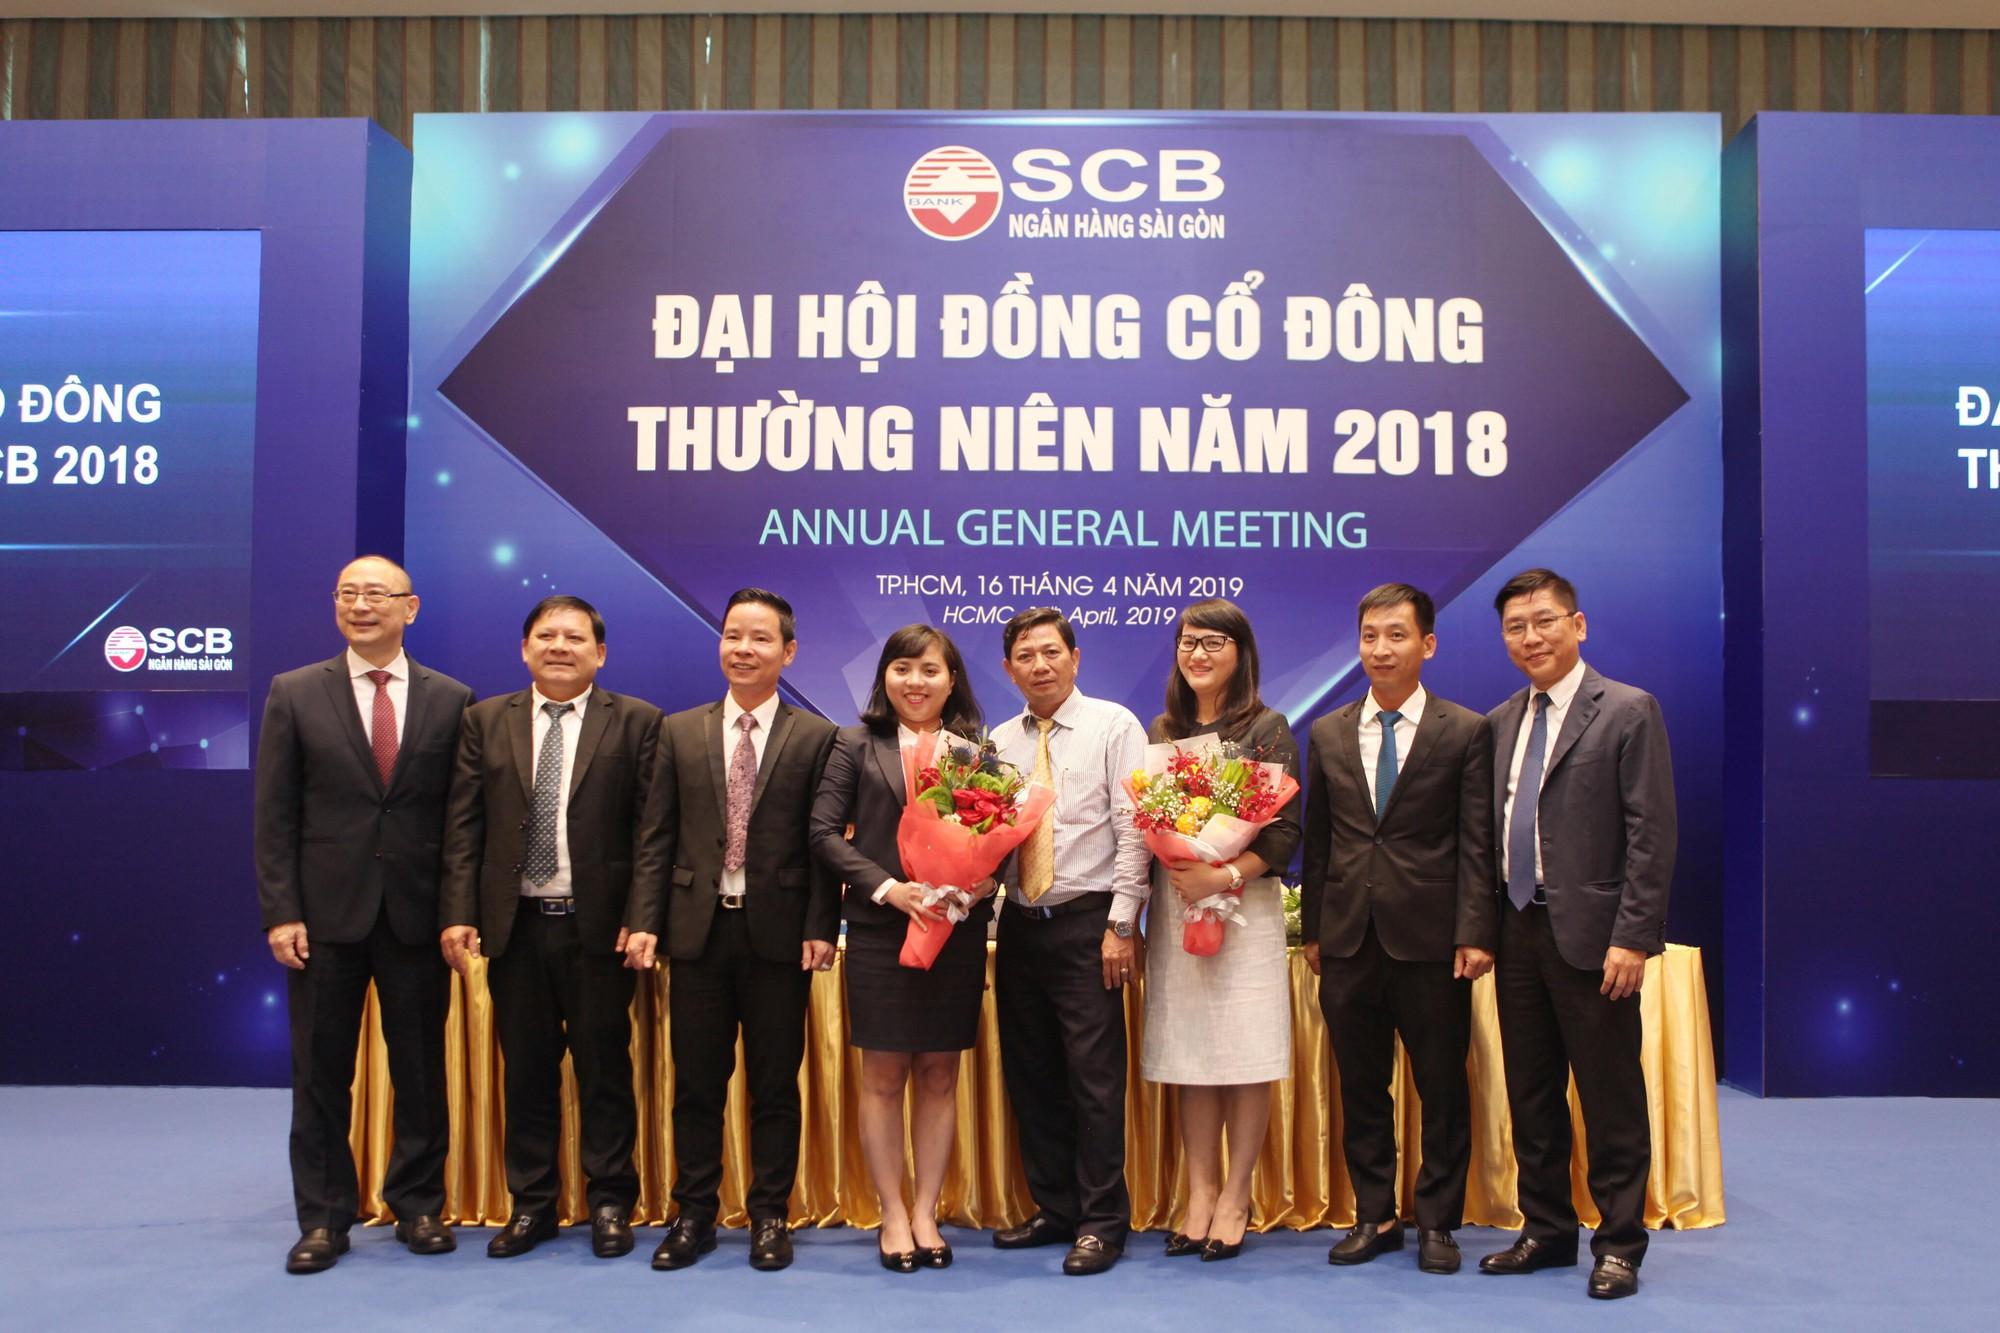 Hai nữ Phó Tổng Giám đốc 8x trúng cử vào HĐQT ngân hàng SCB - Ảnh 2.